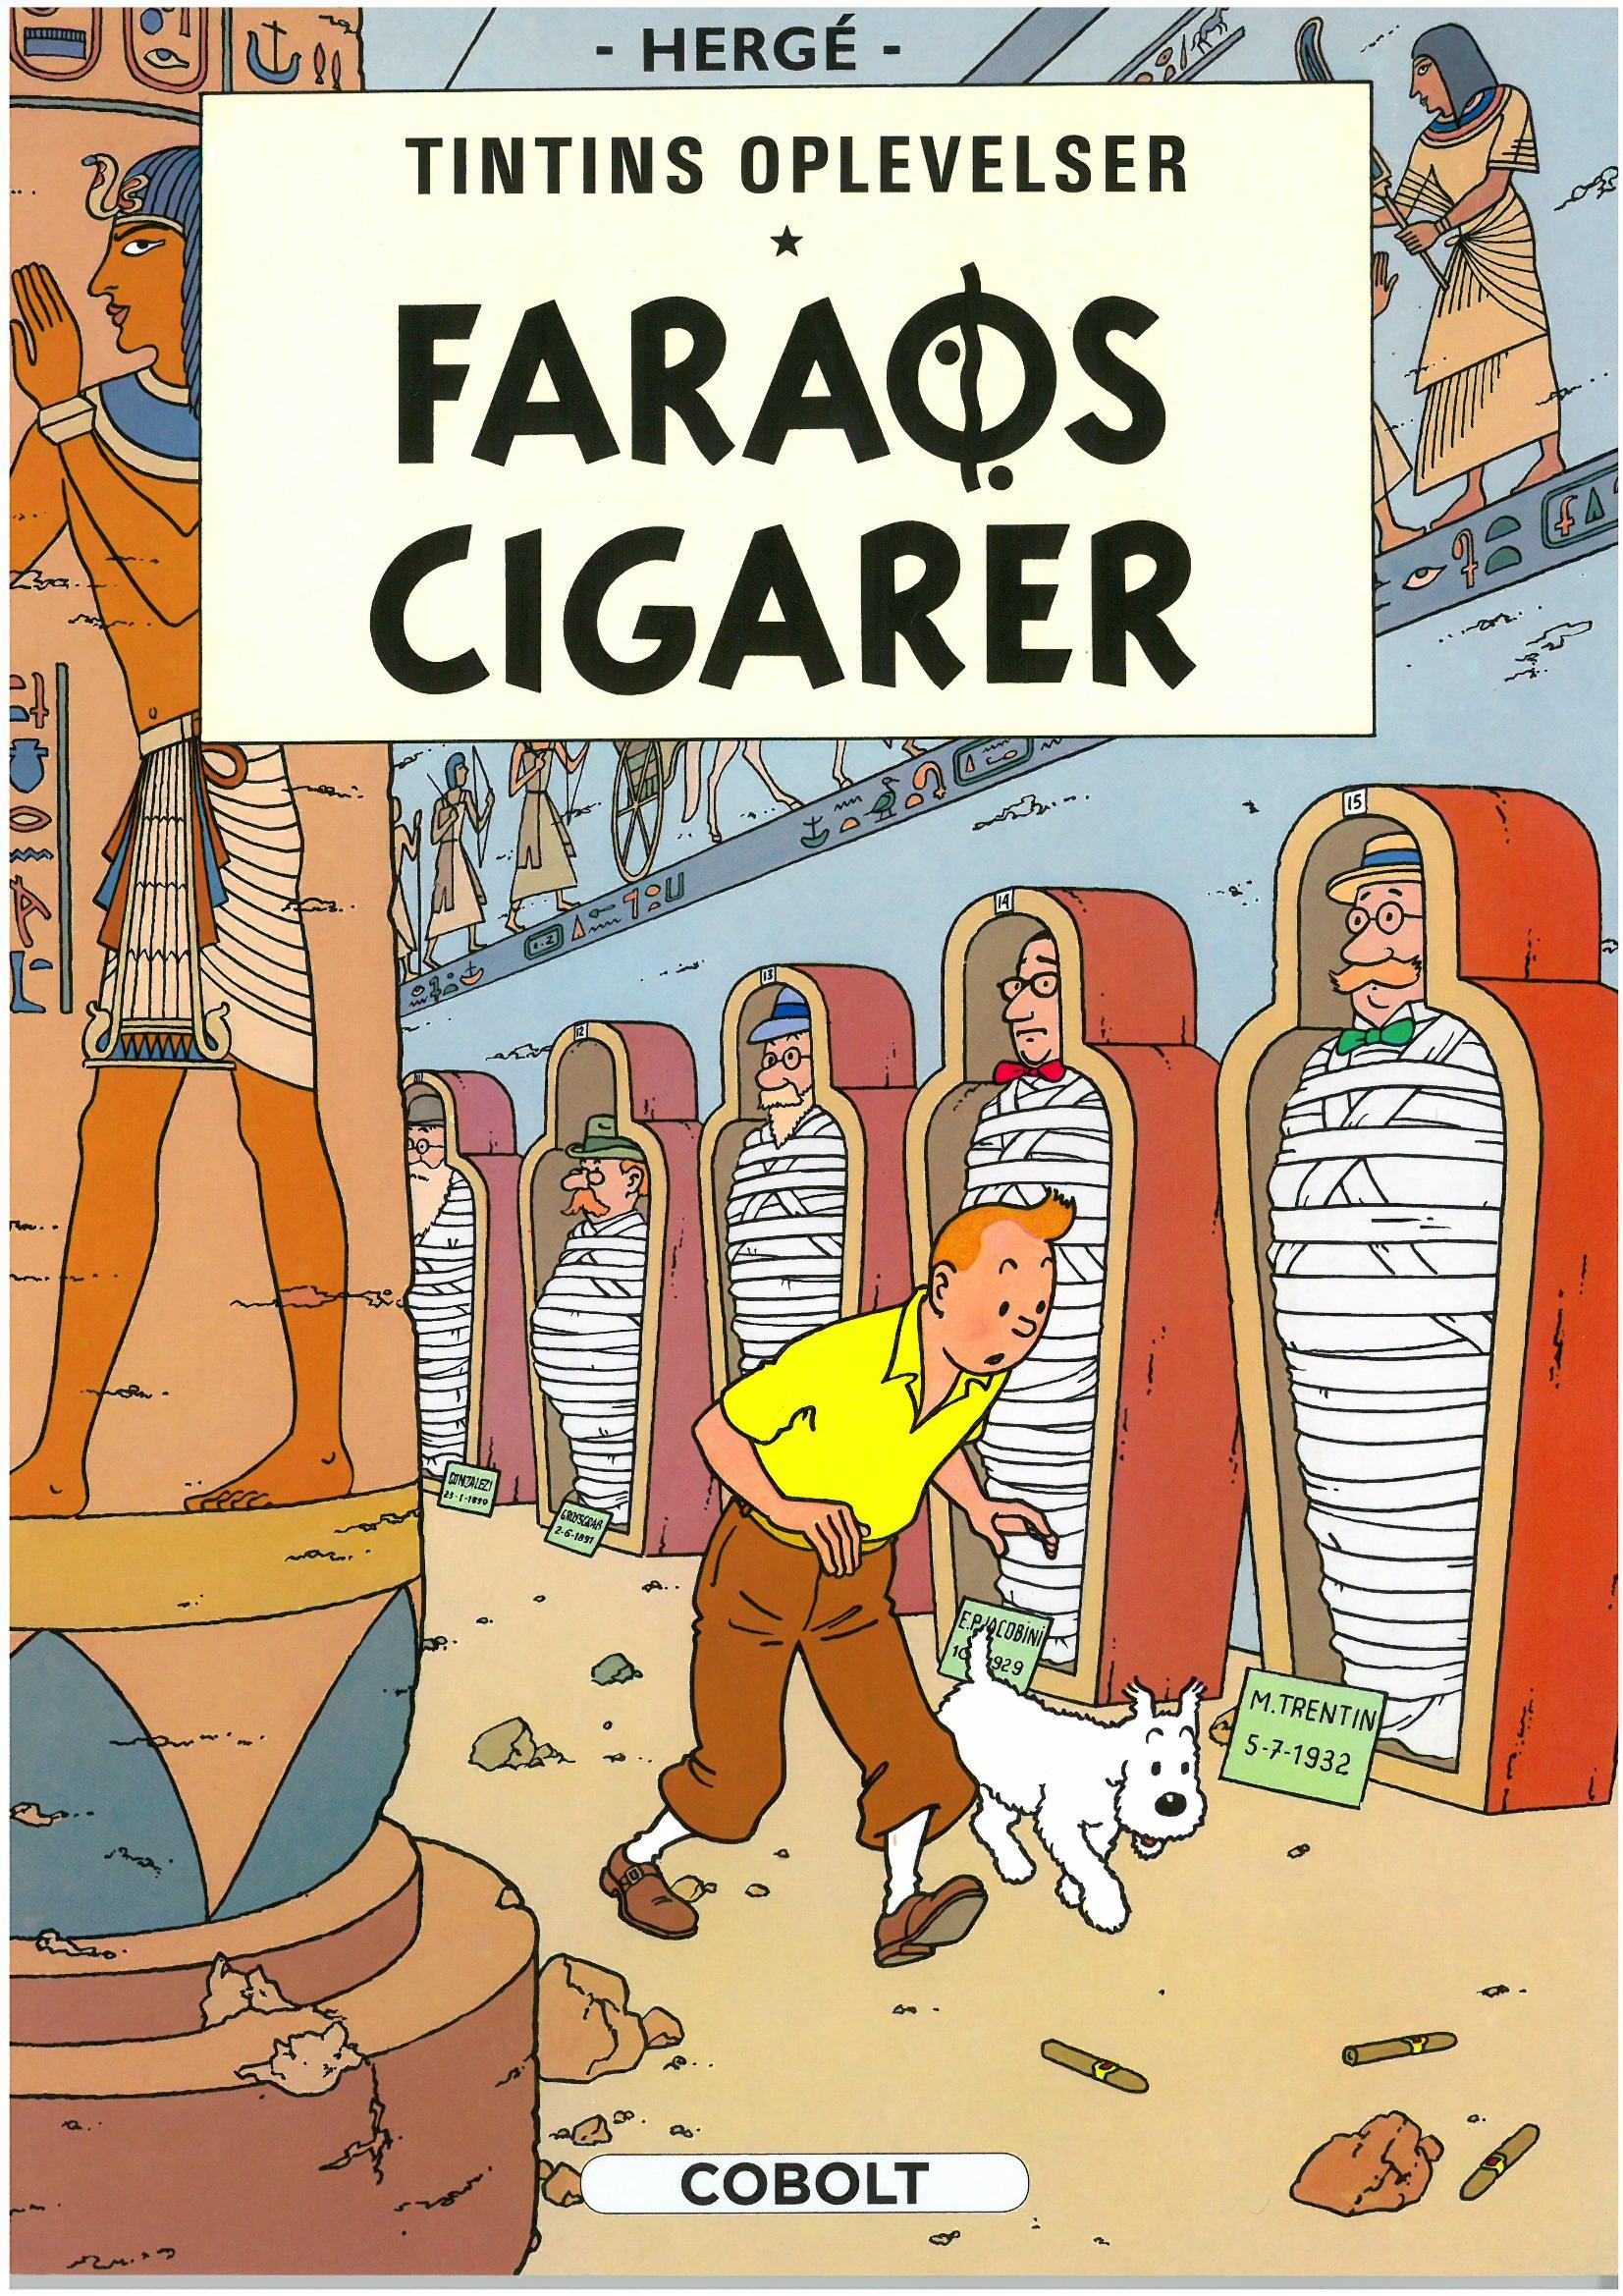 Tintins Oplevelser Standardudgave: Faraos cigarer - Hæftet, ny oversættelse